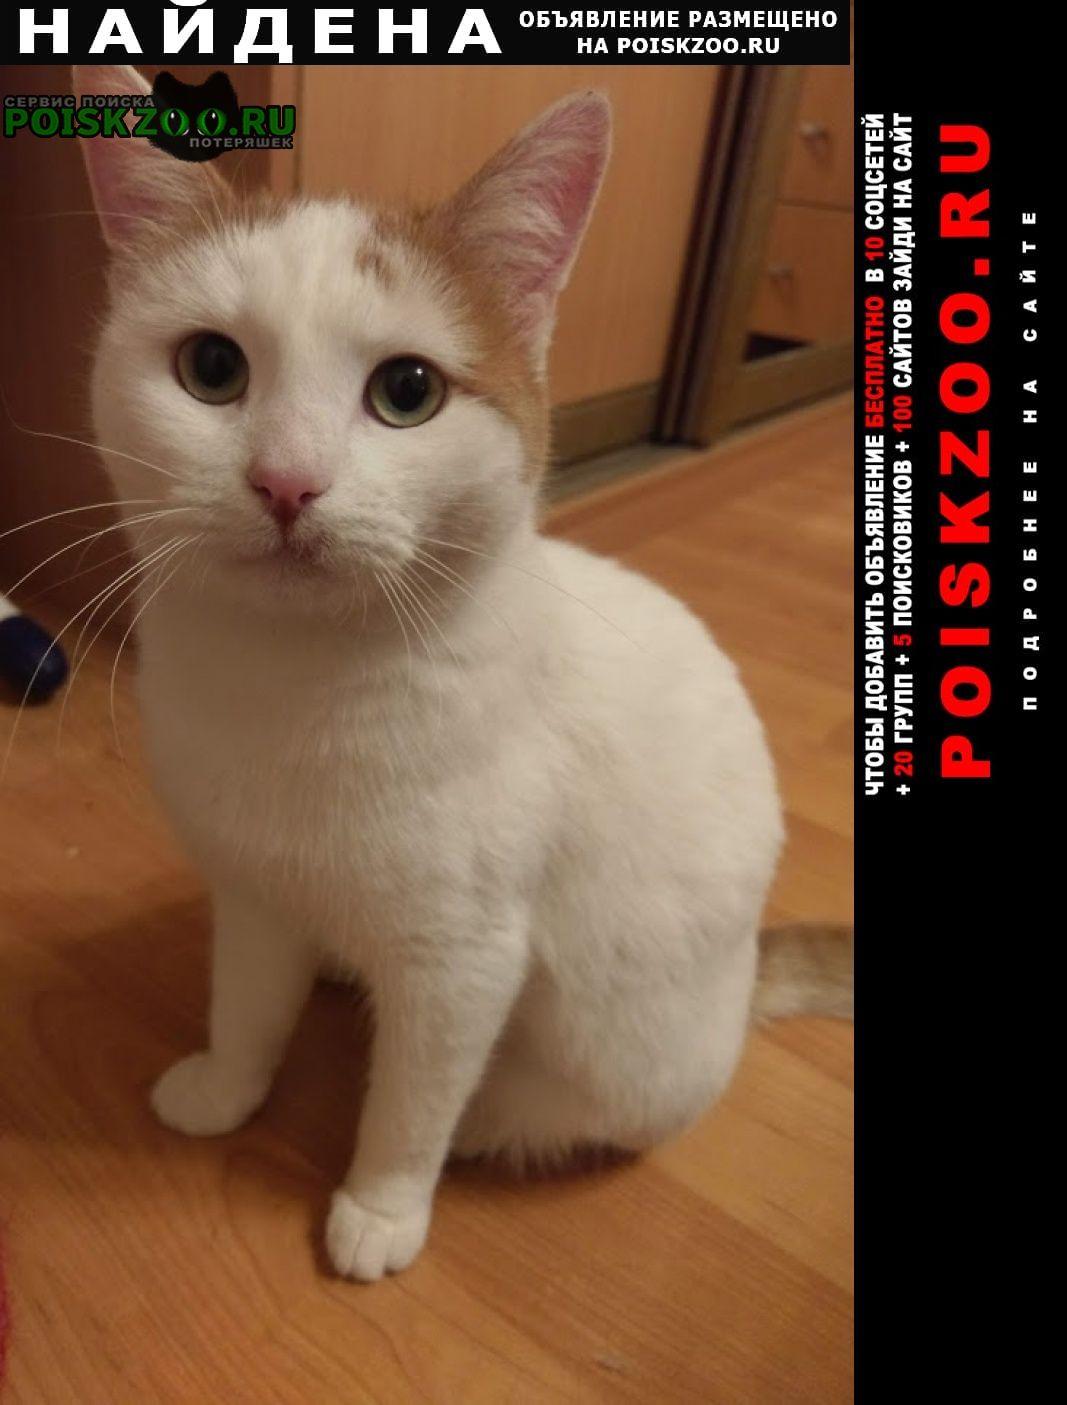 Найдена кошка гольяново Москва